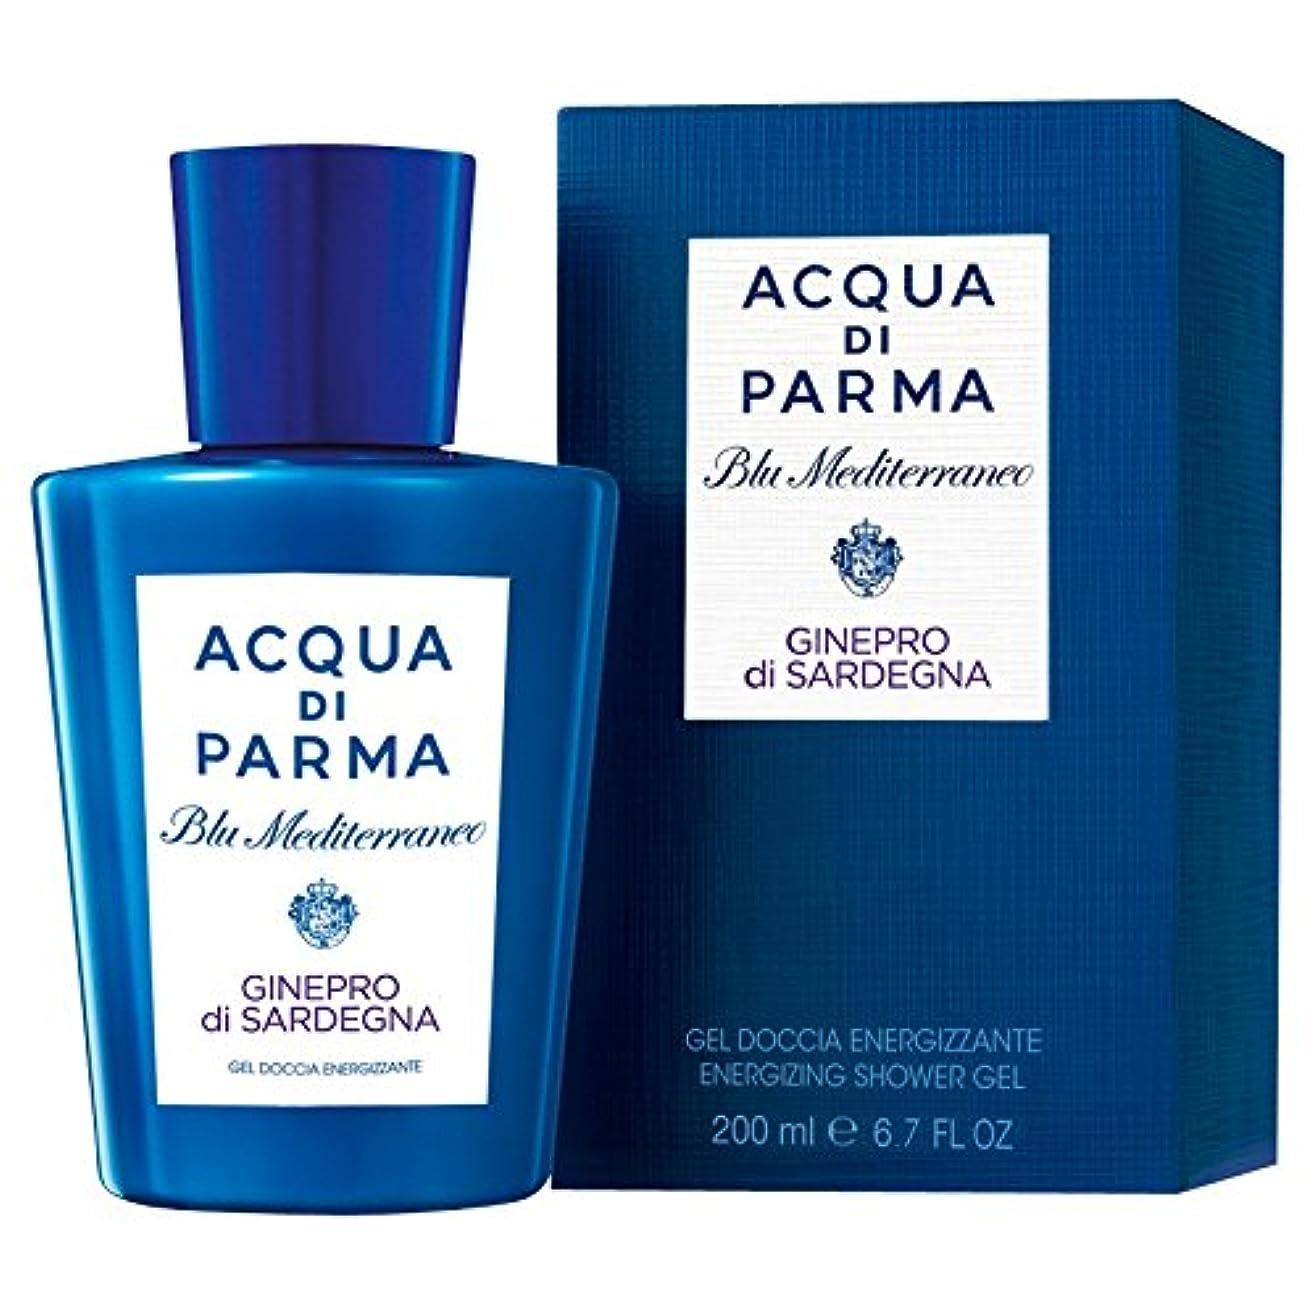 ピック問い合わせる俳優アクア?ディ?パルマブルーメディGineproのディサルデーニャシャワージェル200ミリリットル (Acqua di Parma) - Acqua di Parma Blu Mediterraneo Ginepro Di...